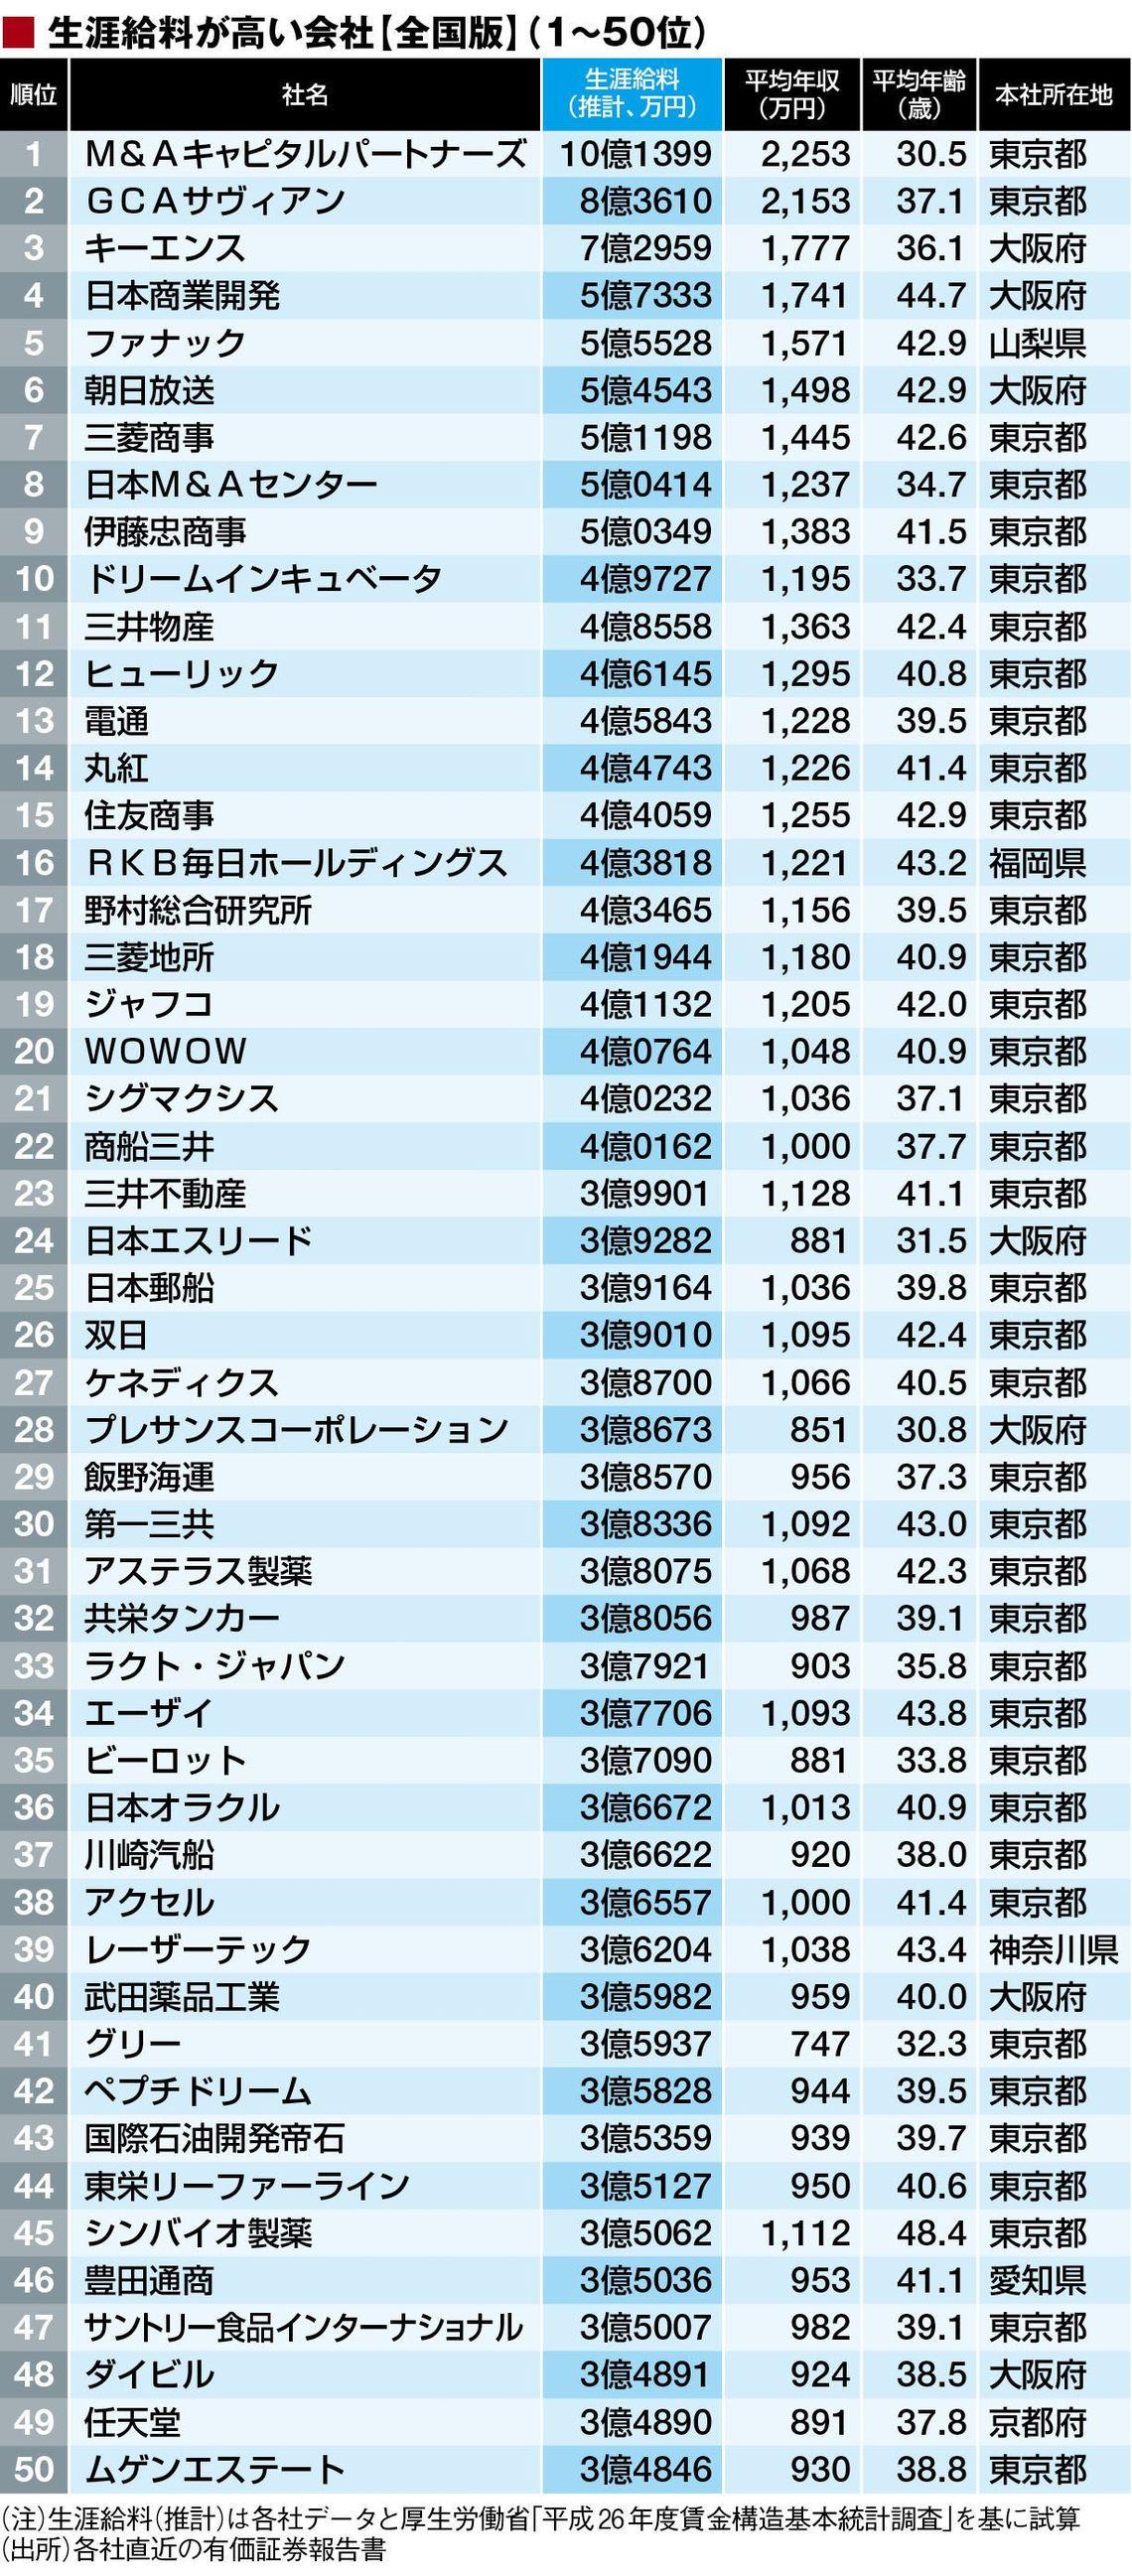 【結婚】NHKの桑子真帆アナウンサー、フジの谷岡慎一アナと結婚へ